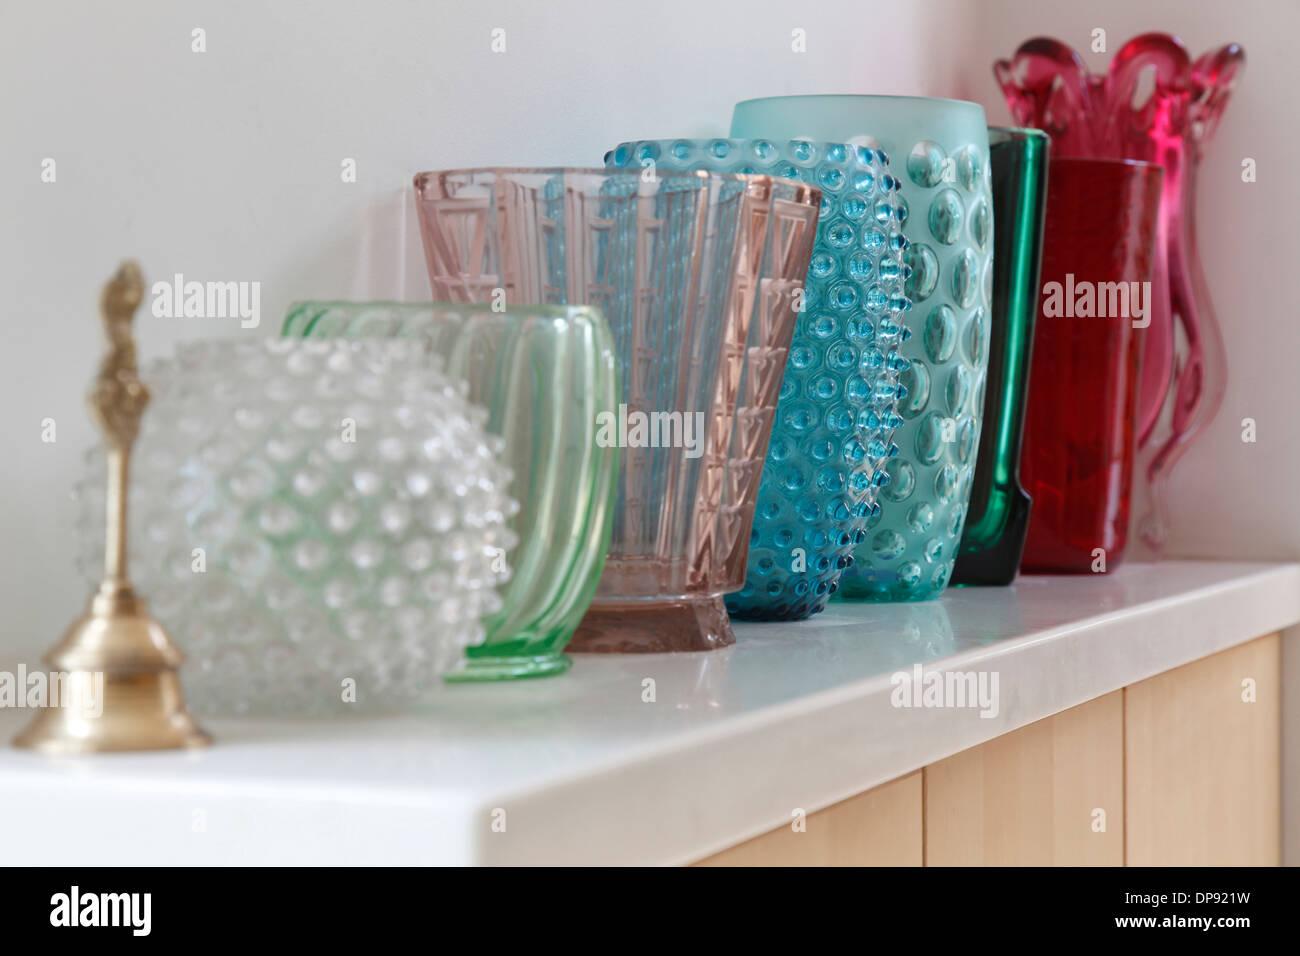 Dekorative Glas in verschiedenen Farben Bowlinghalle Wohngebäude, London, UK. Stockbild